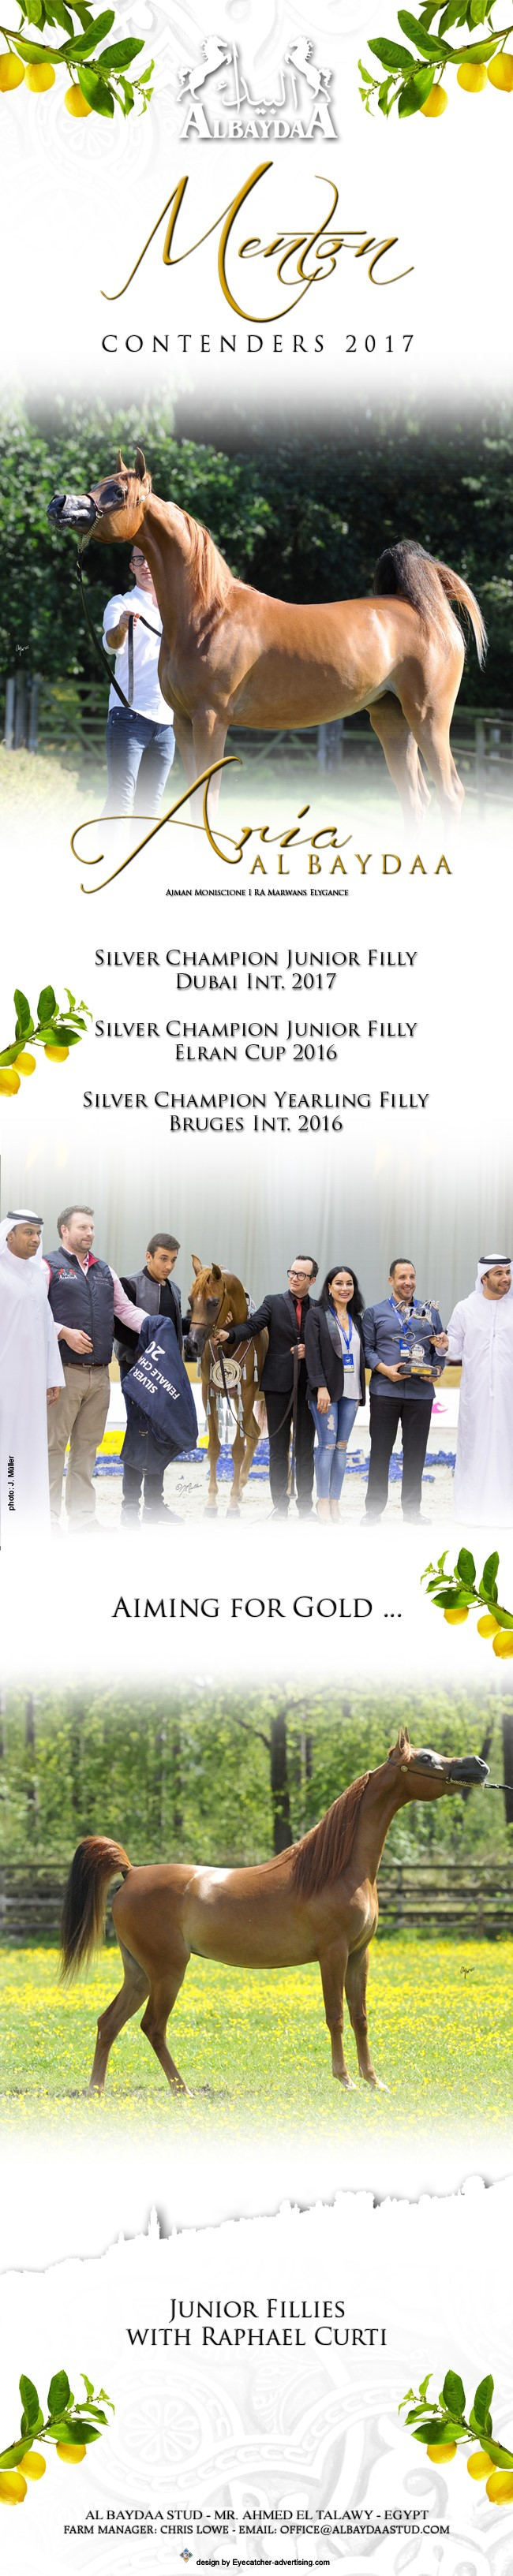 Aria Al Baydaa - 2017 Menton contender with Raphael Curti